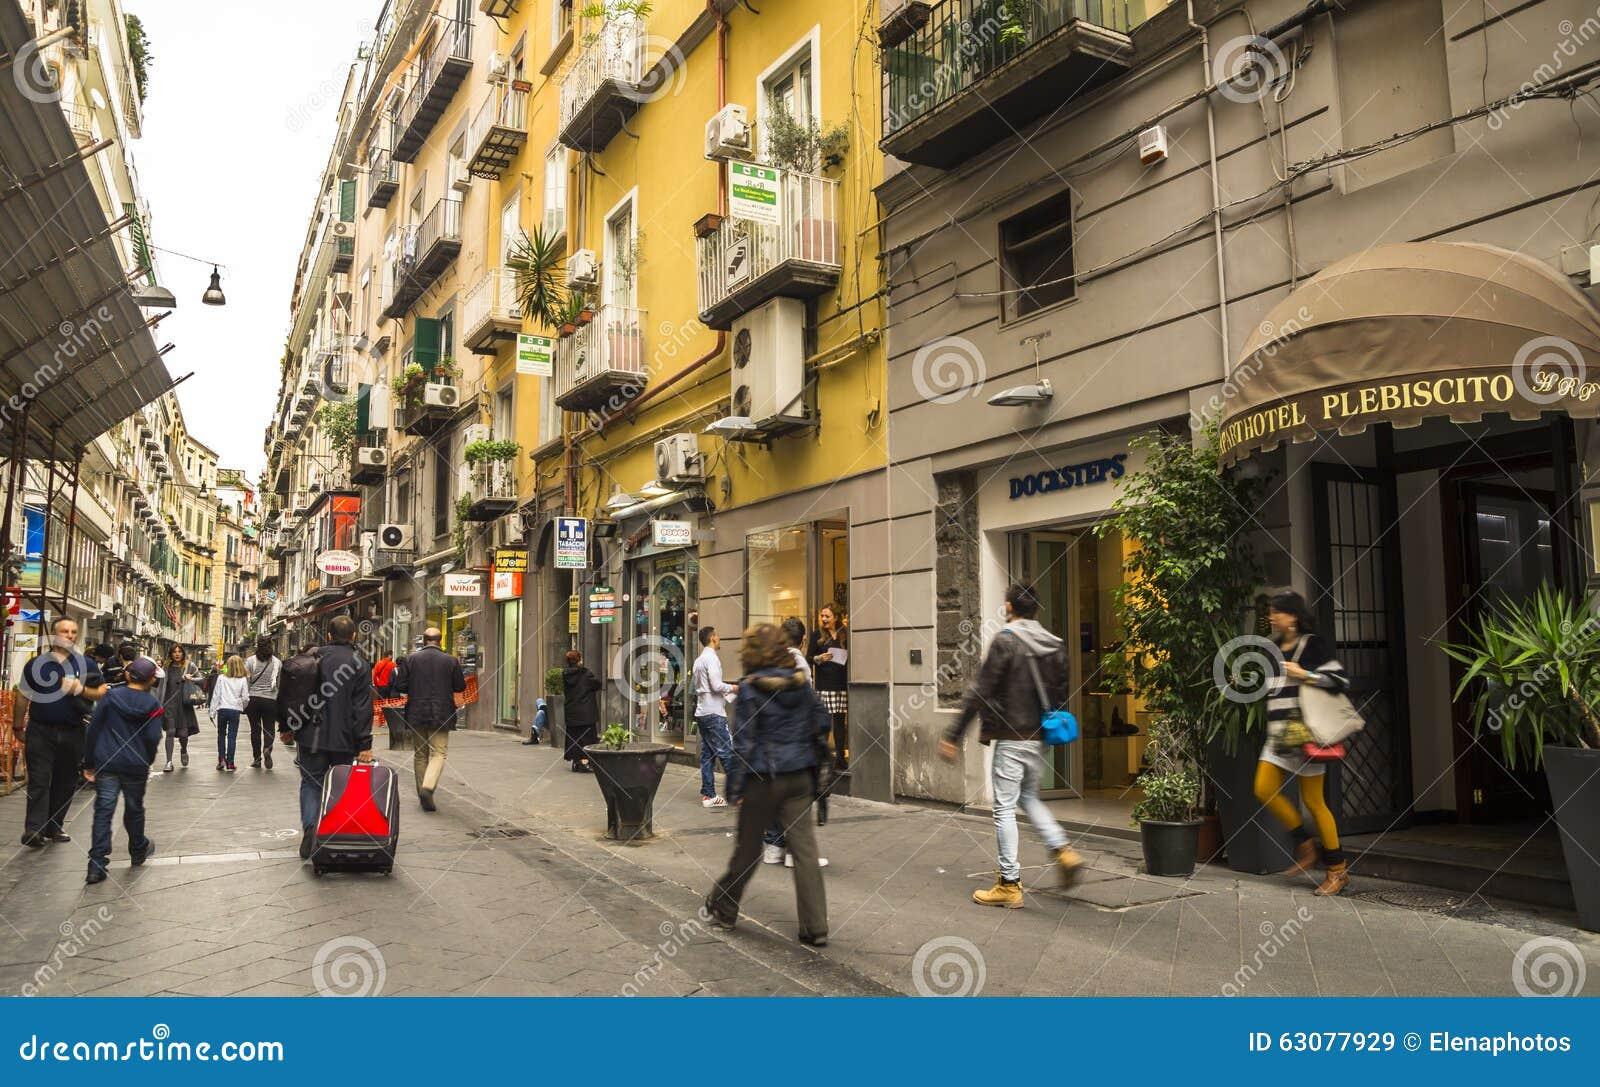 Download Célèbre Par L'intermédiaire De Chiaia à Naples, Italie Image stock éditorial - Image du boutique, centre: 63077929